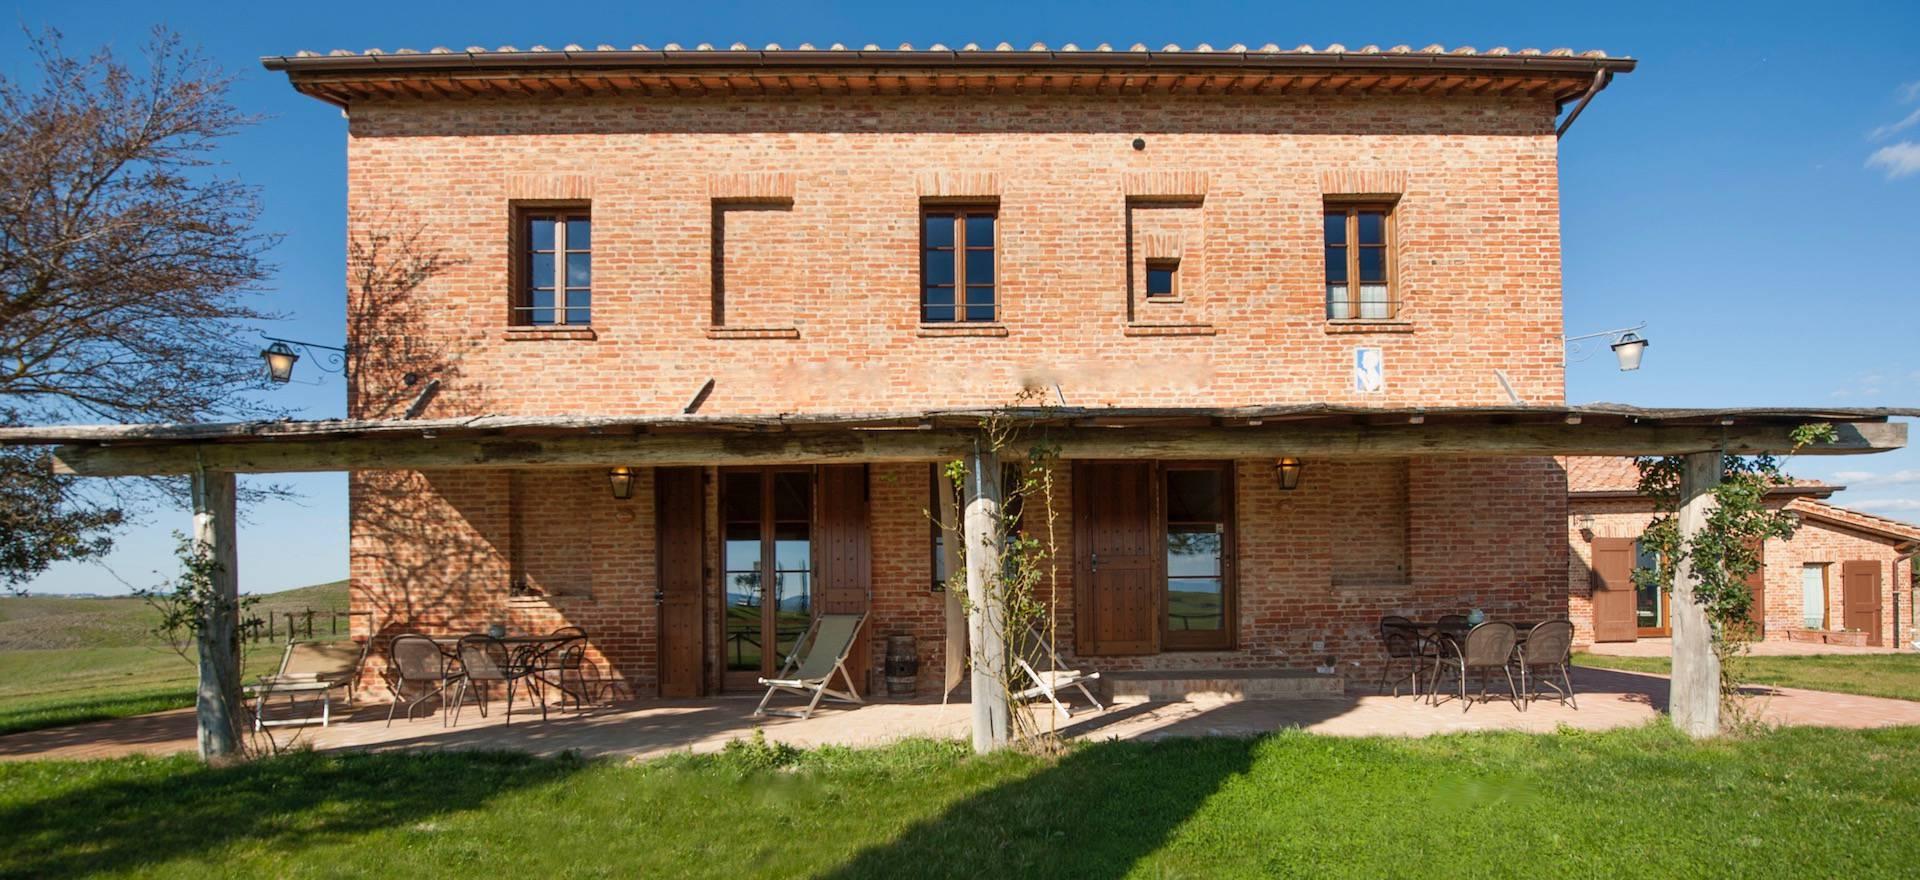 Luxe agriturismo Siena voor rust en comfort